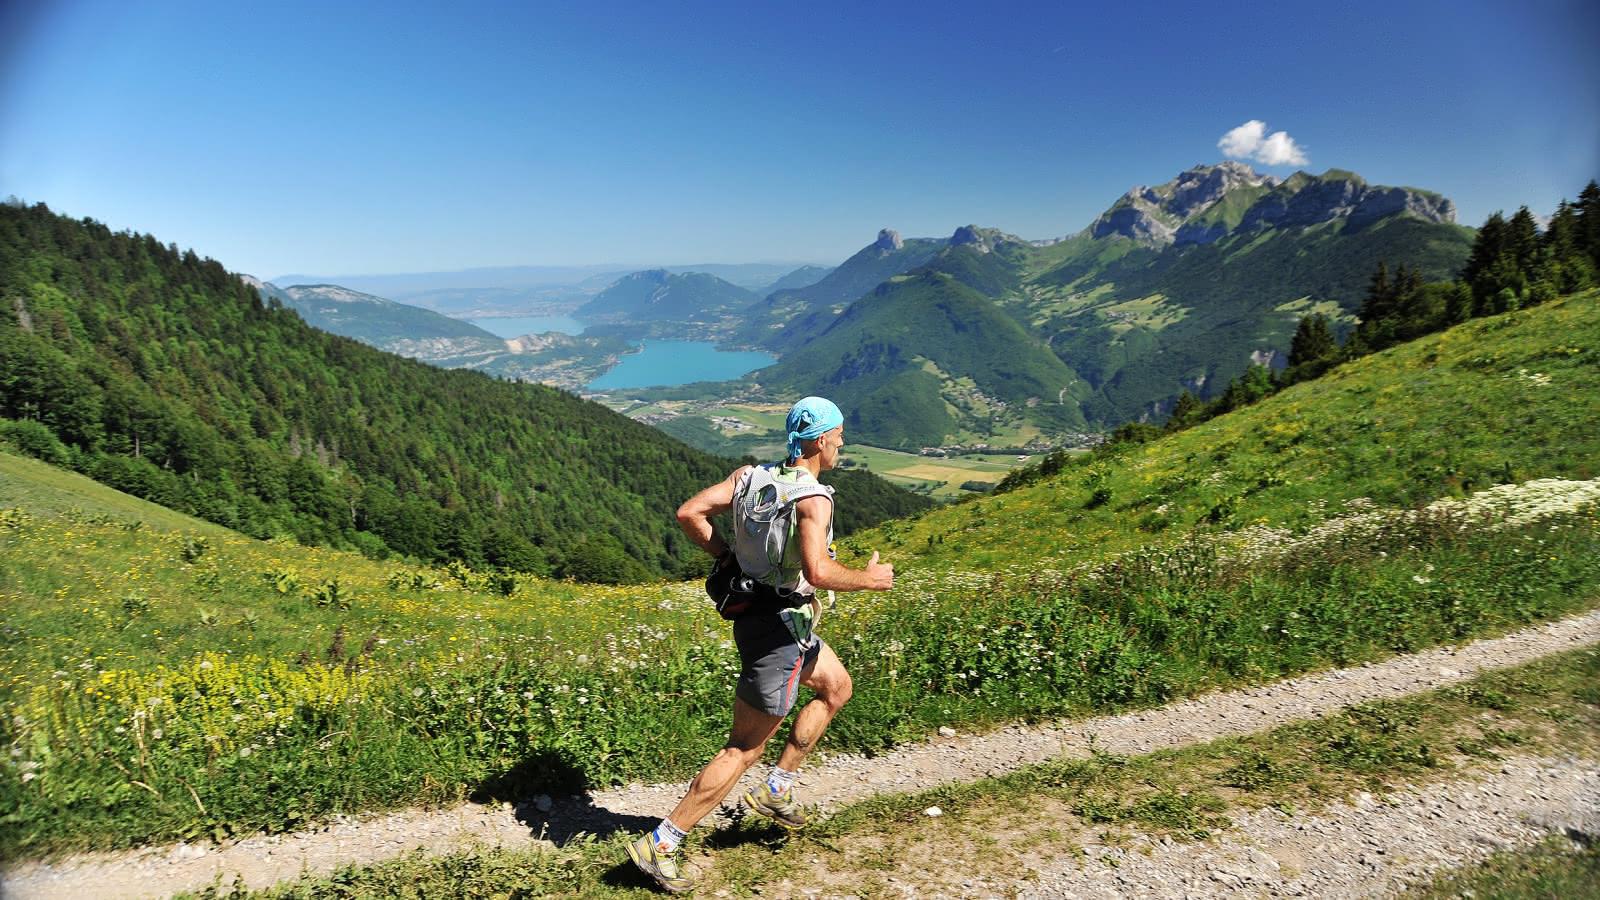 coureur avec arrière plan montagne des Aravis et lac d'Annecy